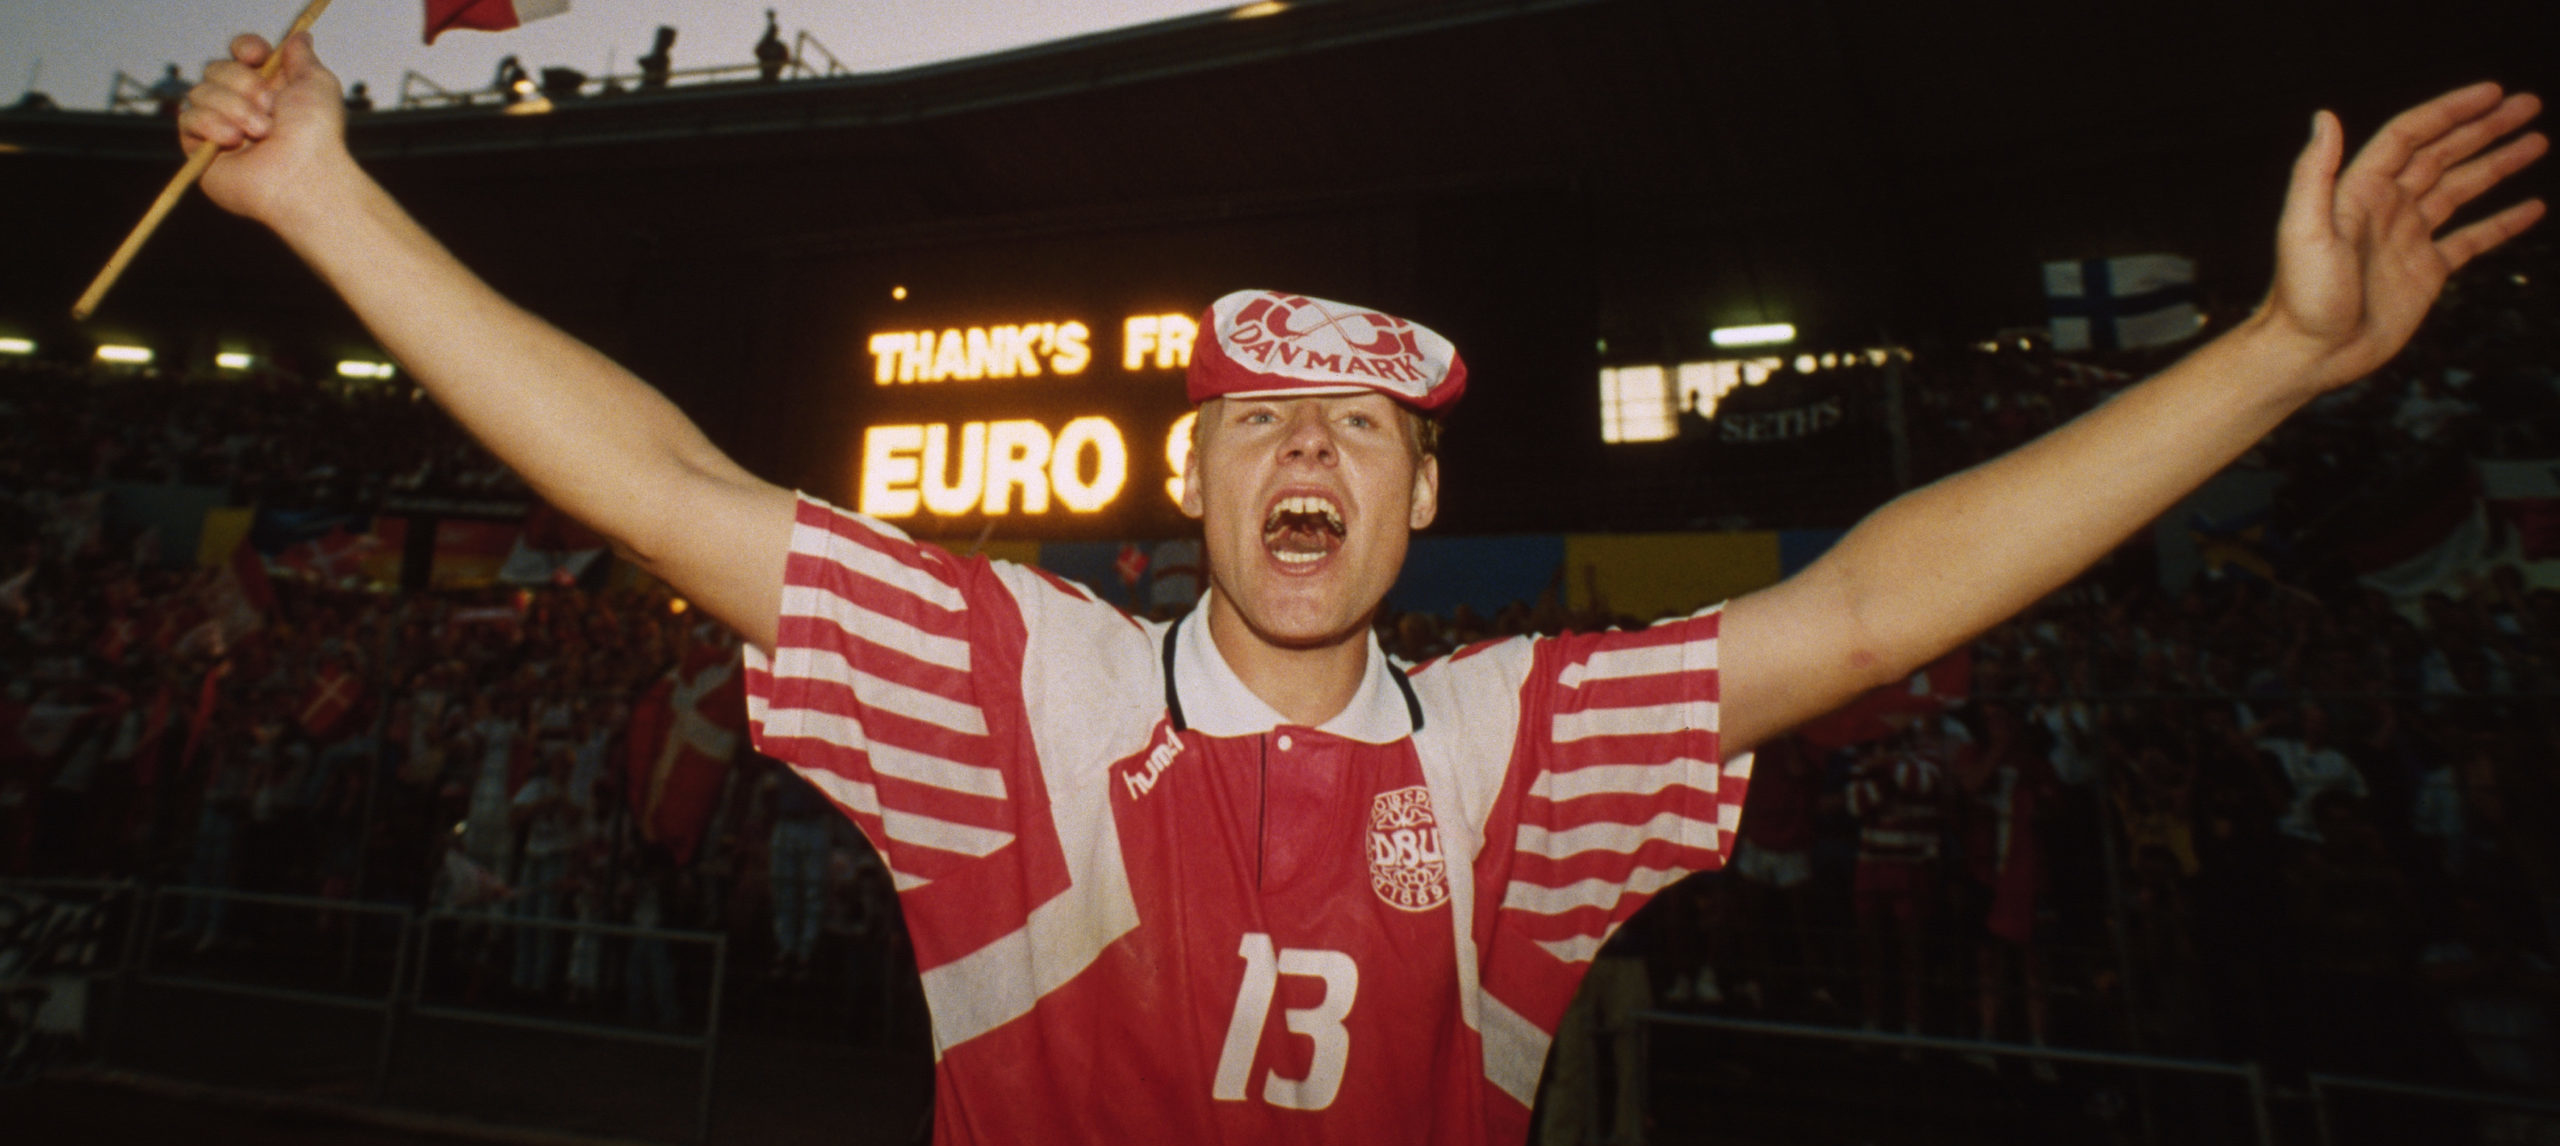 La Danimarca e il trionfo a Euro 1992, quando la favola sportiva si intreccia con la Storia